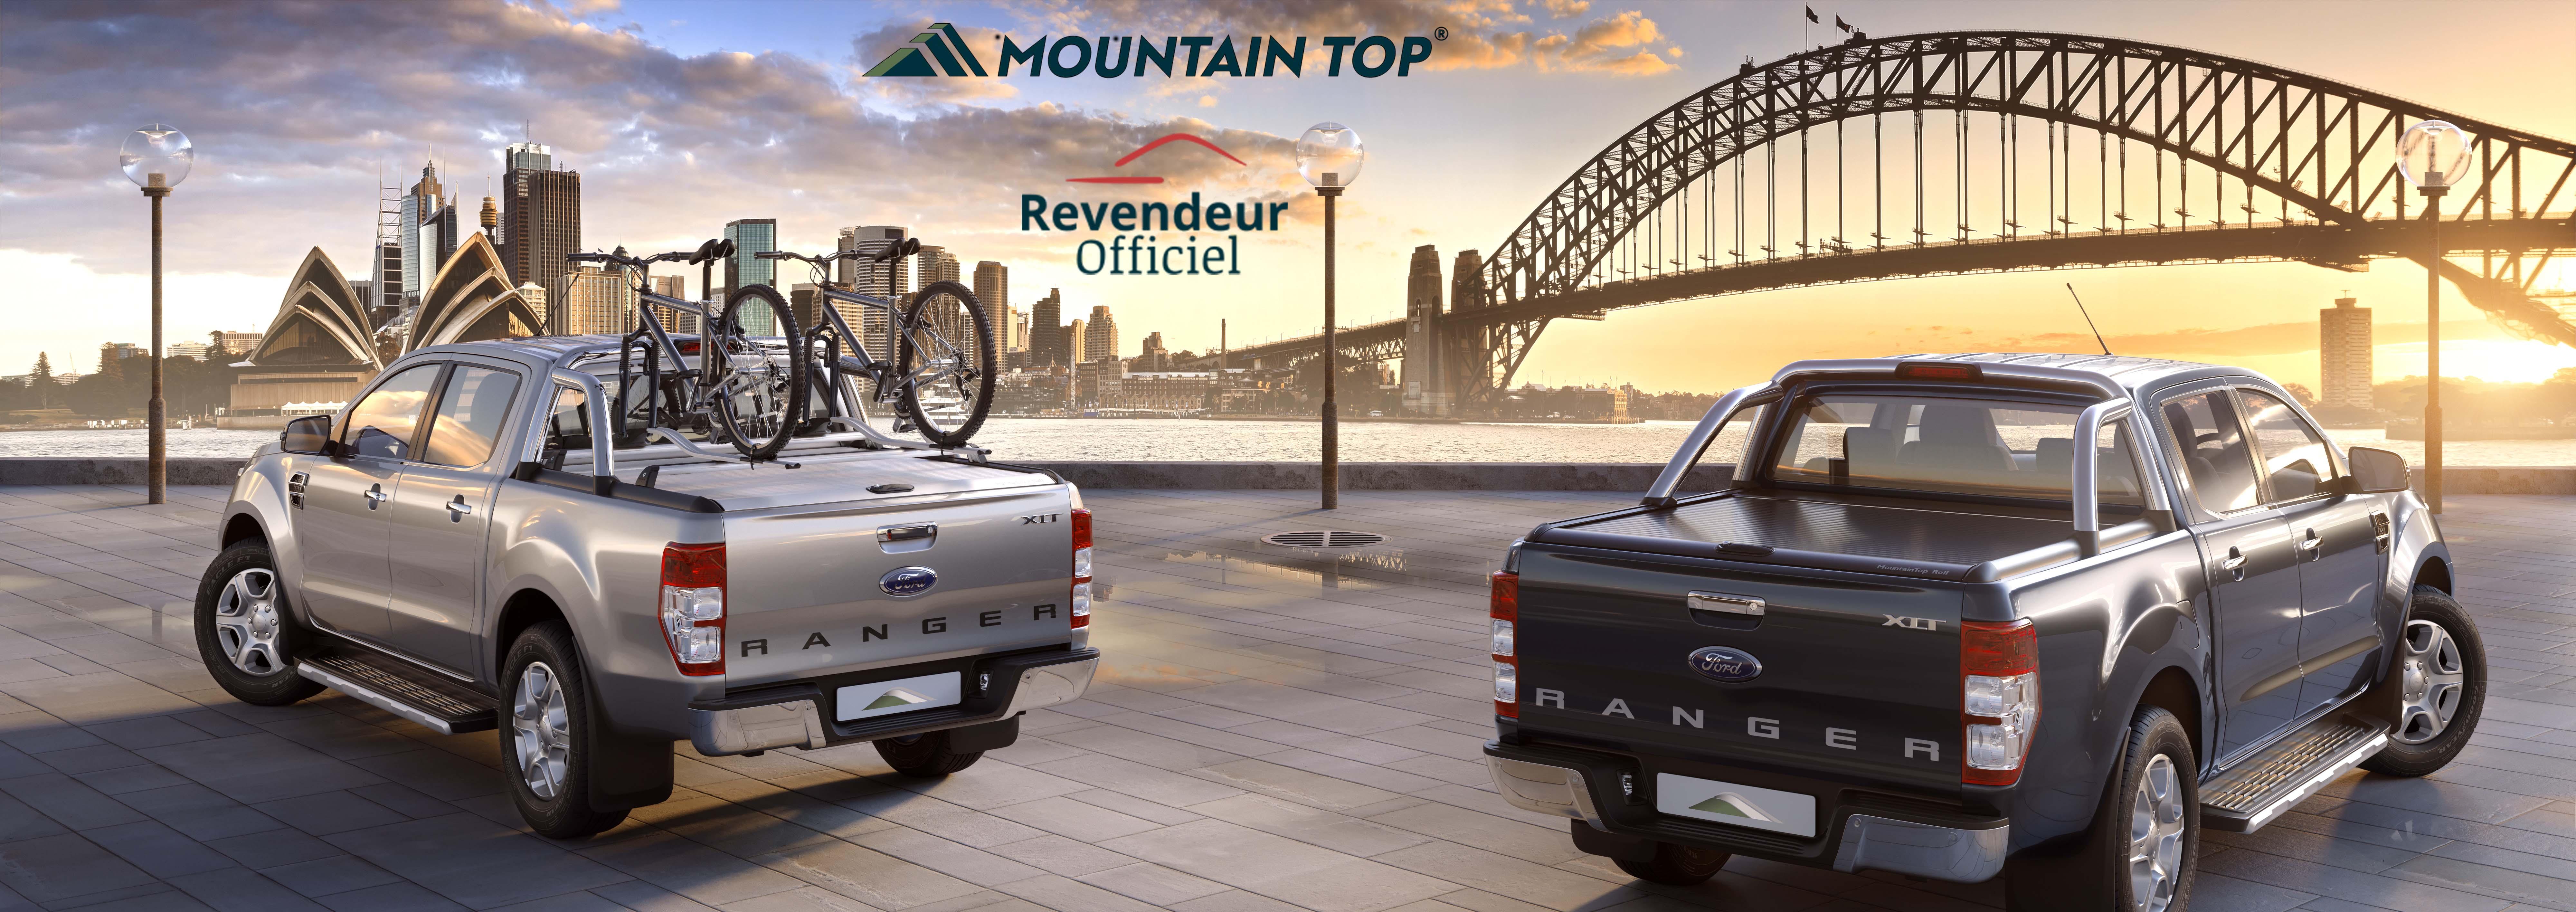 Revendeur Officiel Mountain Top